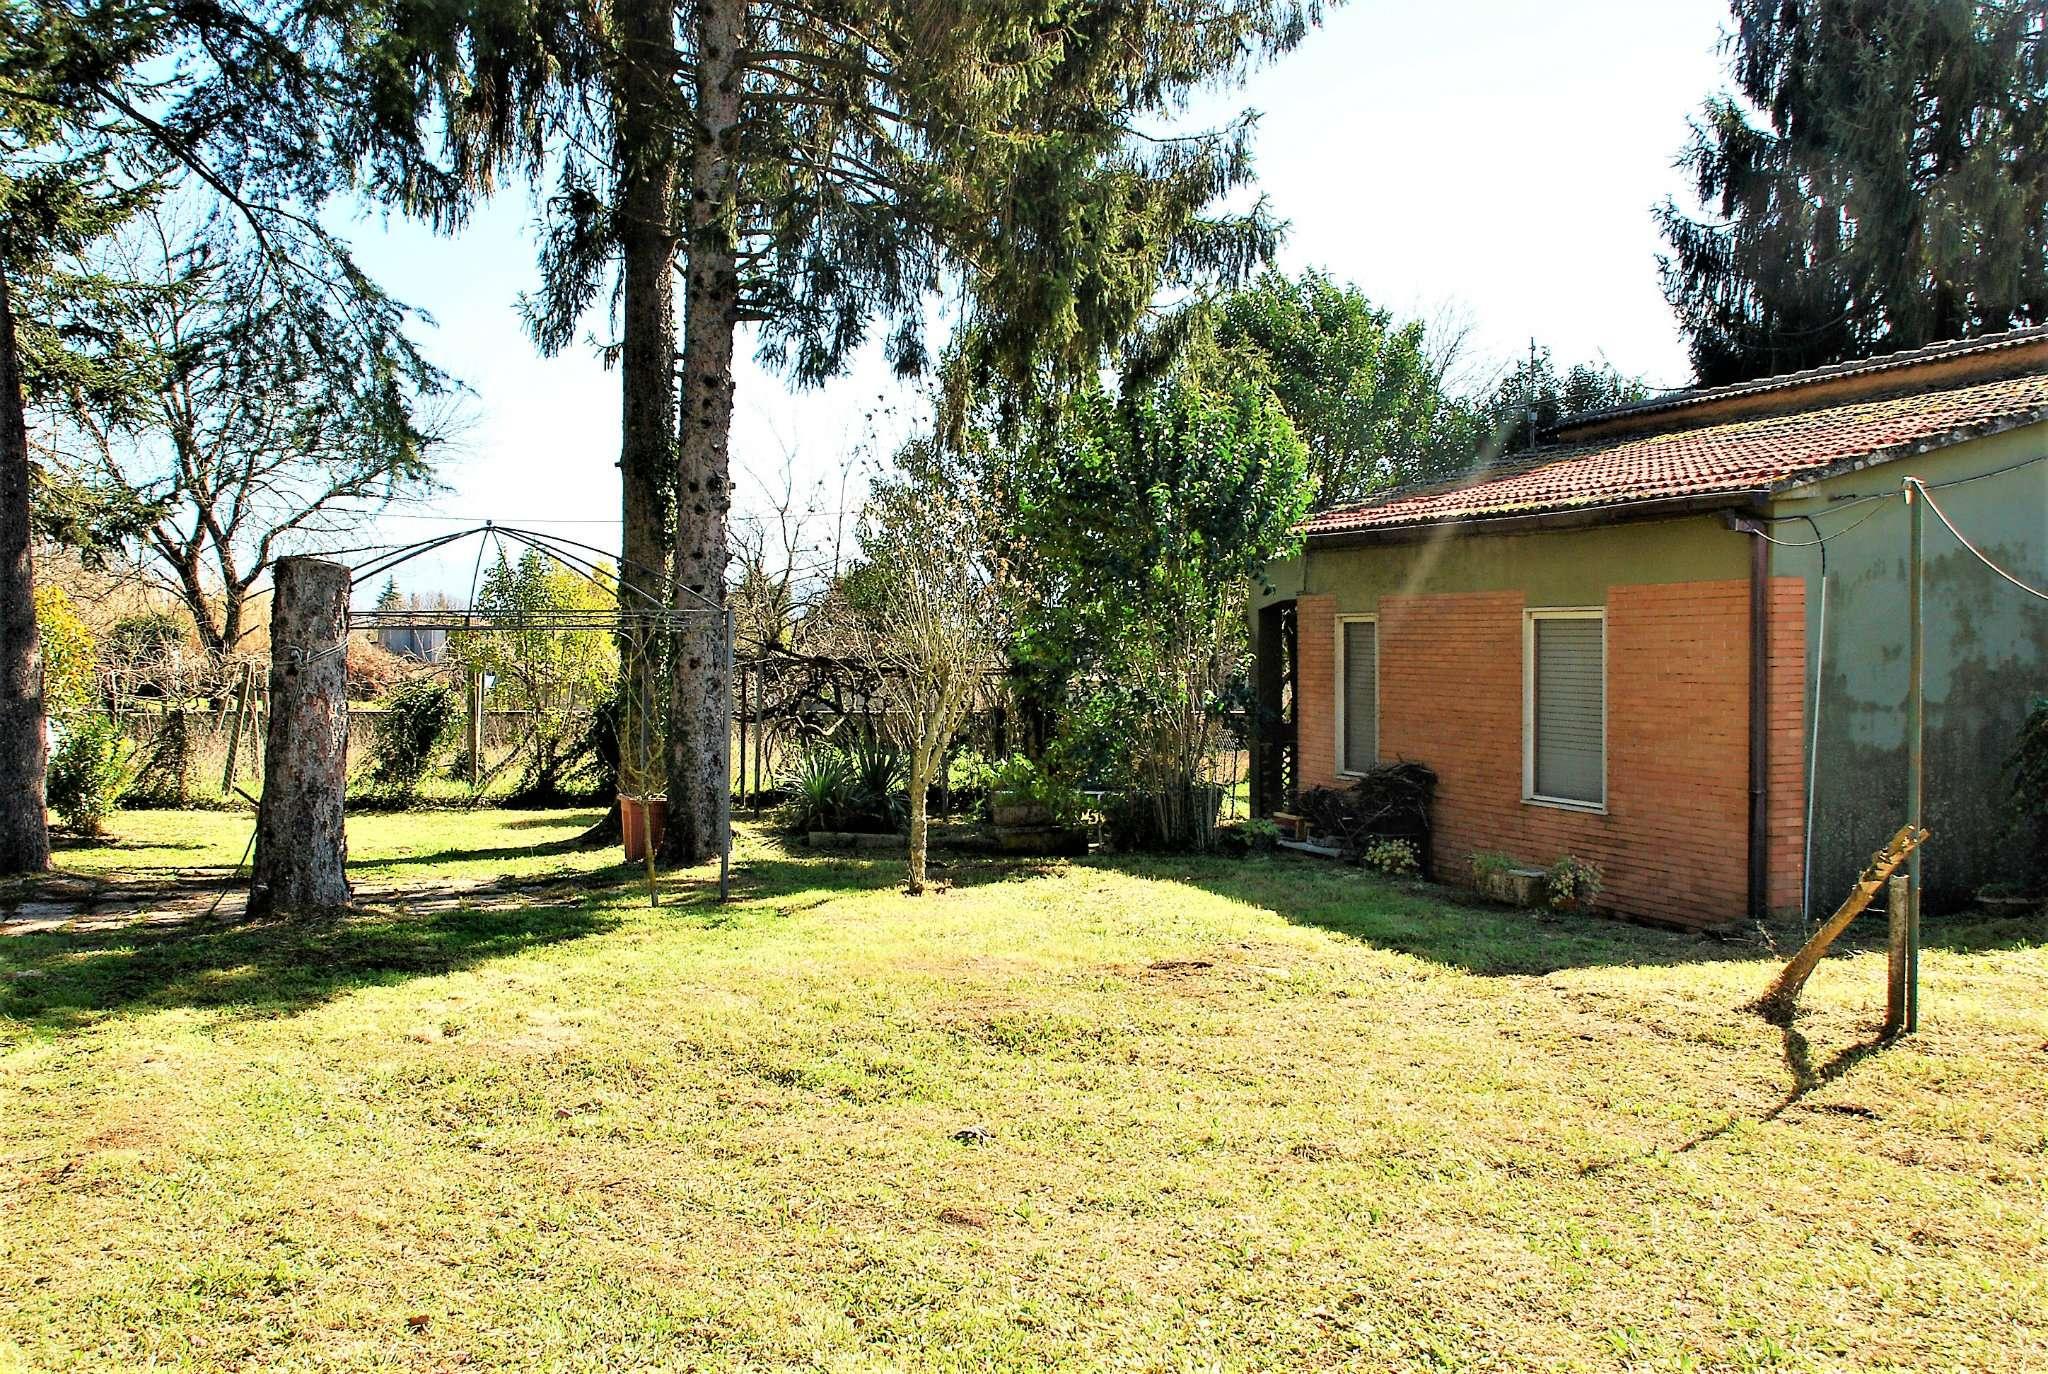 Soluzione Indipendente in vendita a Castelnuovo di Porto, 3 locali, prezzo € 145.000 | CambioCasa.it